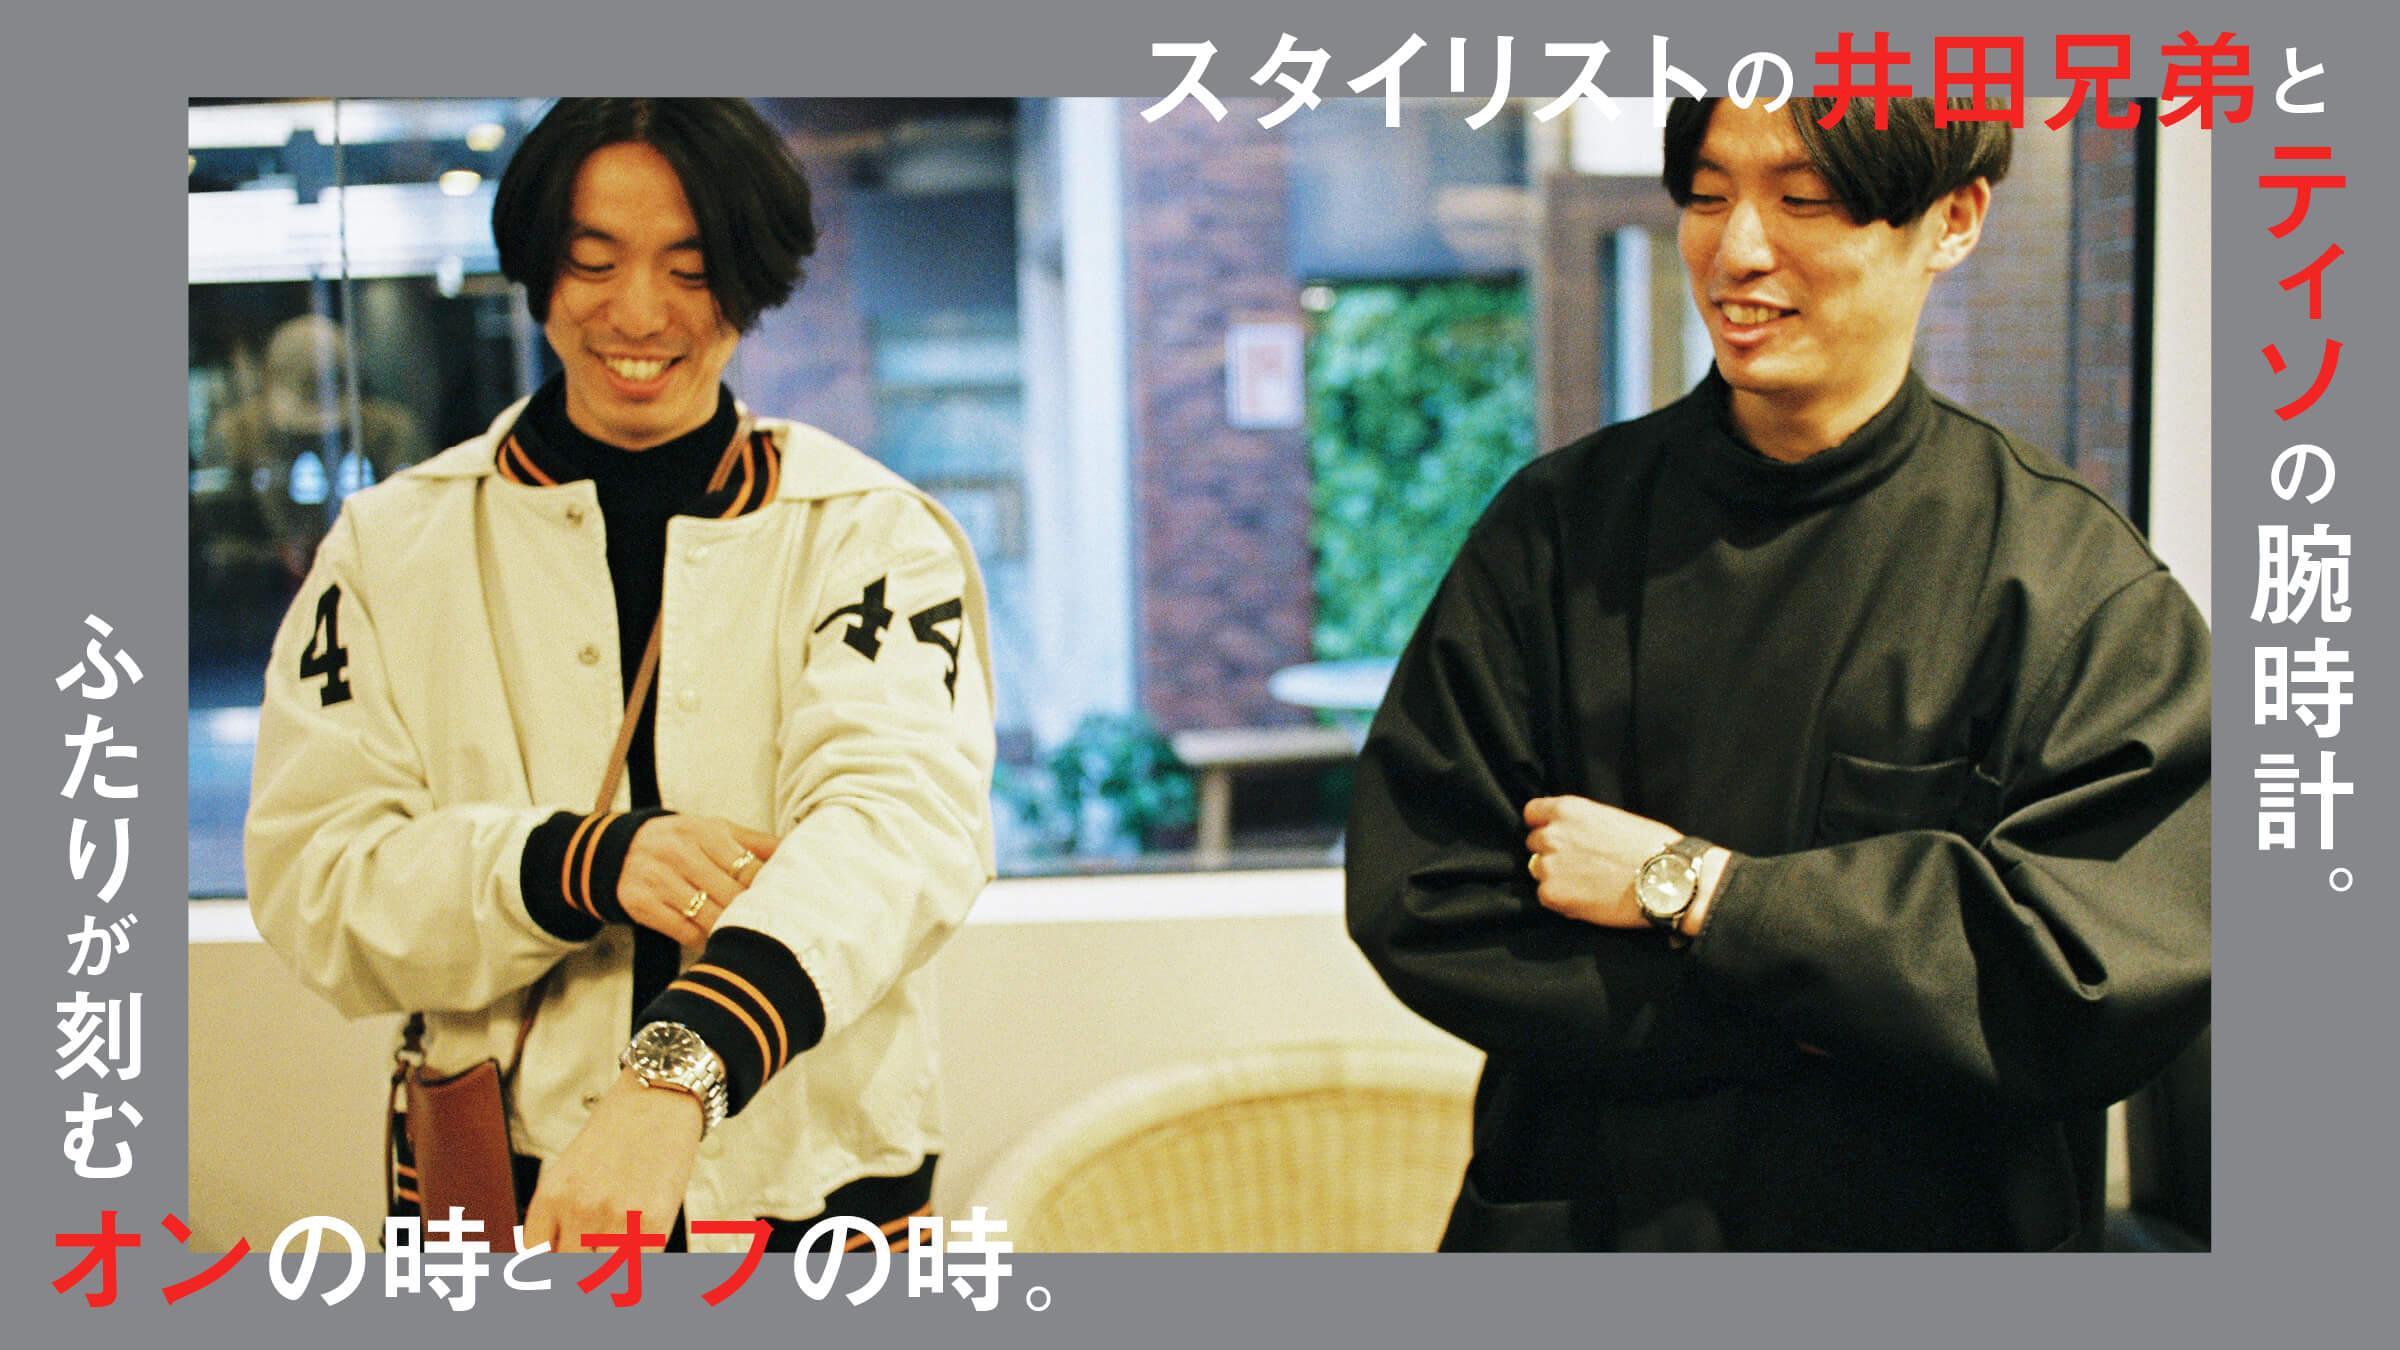 スタイリストの井田兄弟とティソの腕時計。 ふたりが刻むオンの時とオフの時。